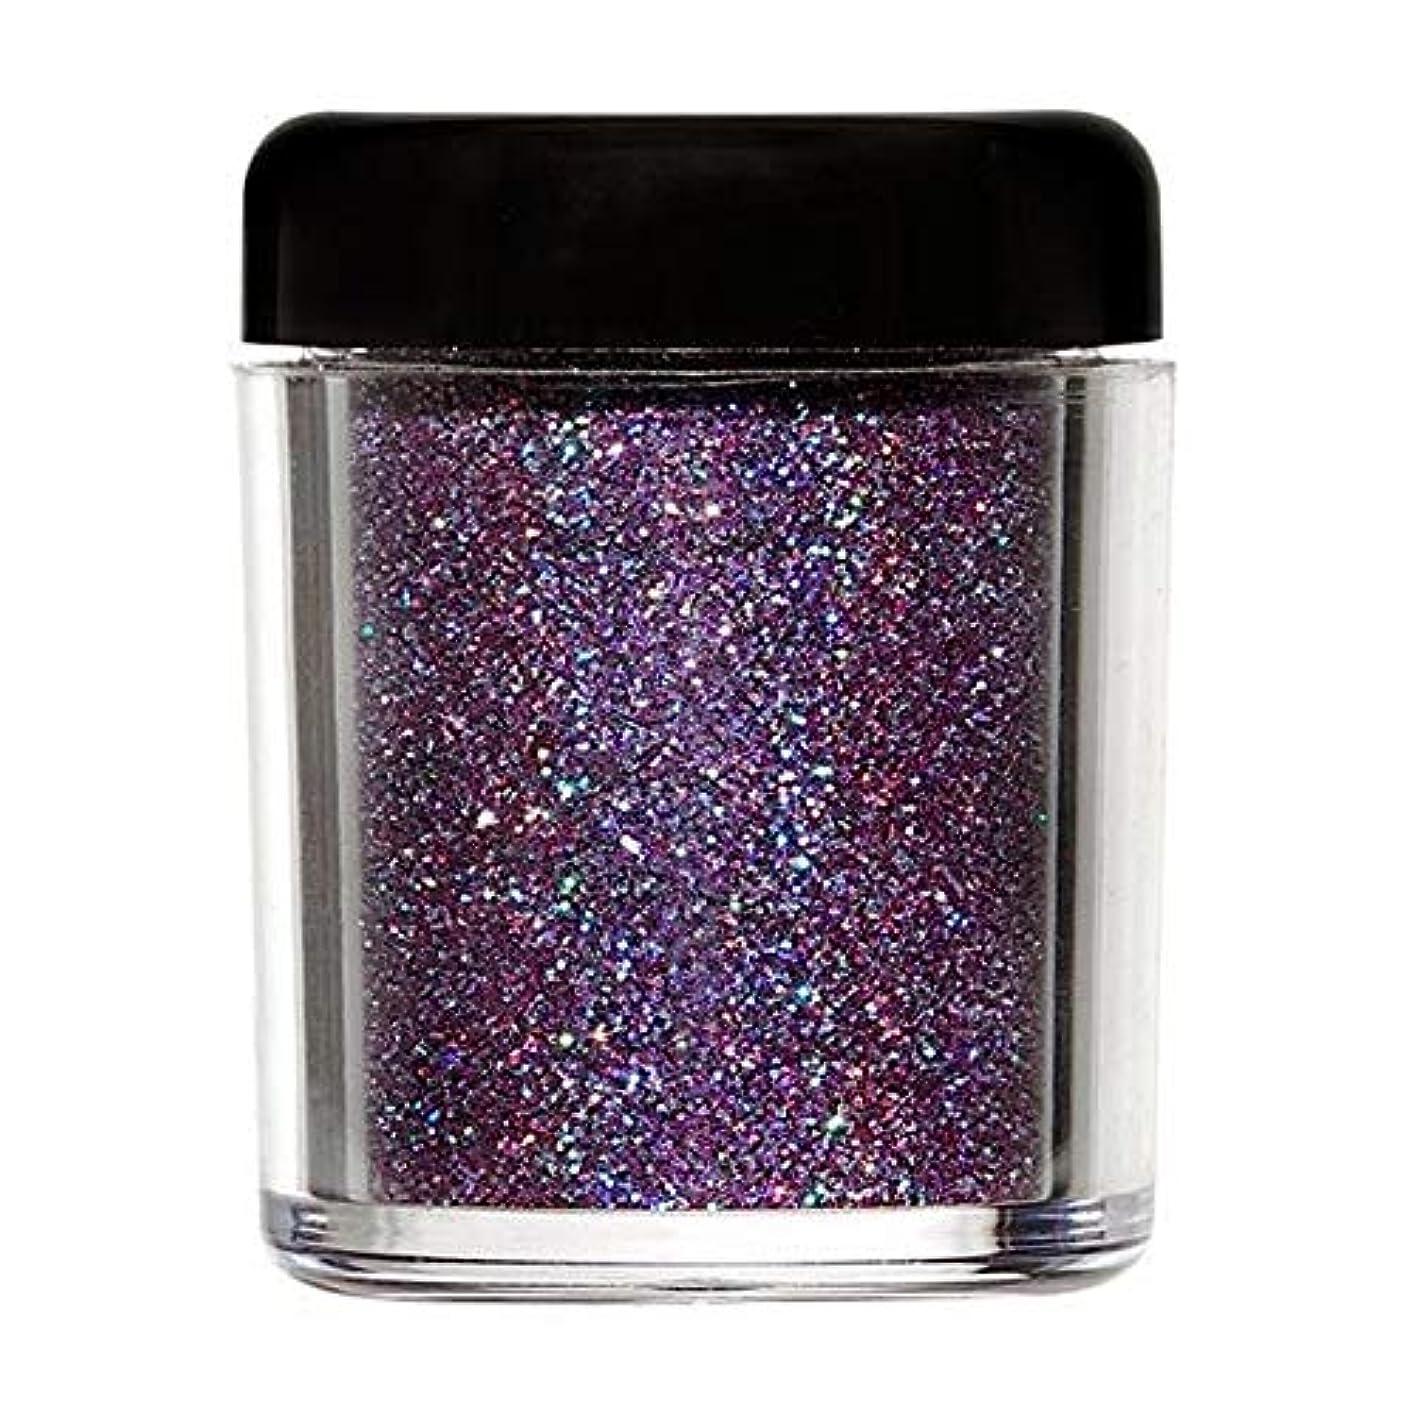 トライアスロン大学女優[Barry M ] バリーメートルのグリッターラッシュボディの輝き - 紫外線 - Barry M Glitter Rush Body Glitter - Ultraviolet [並行輸入品]